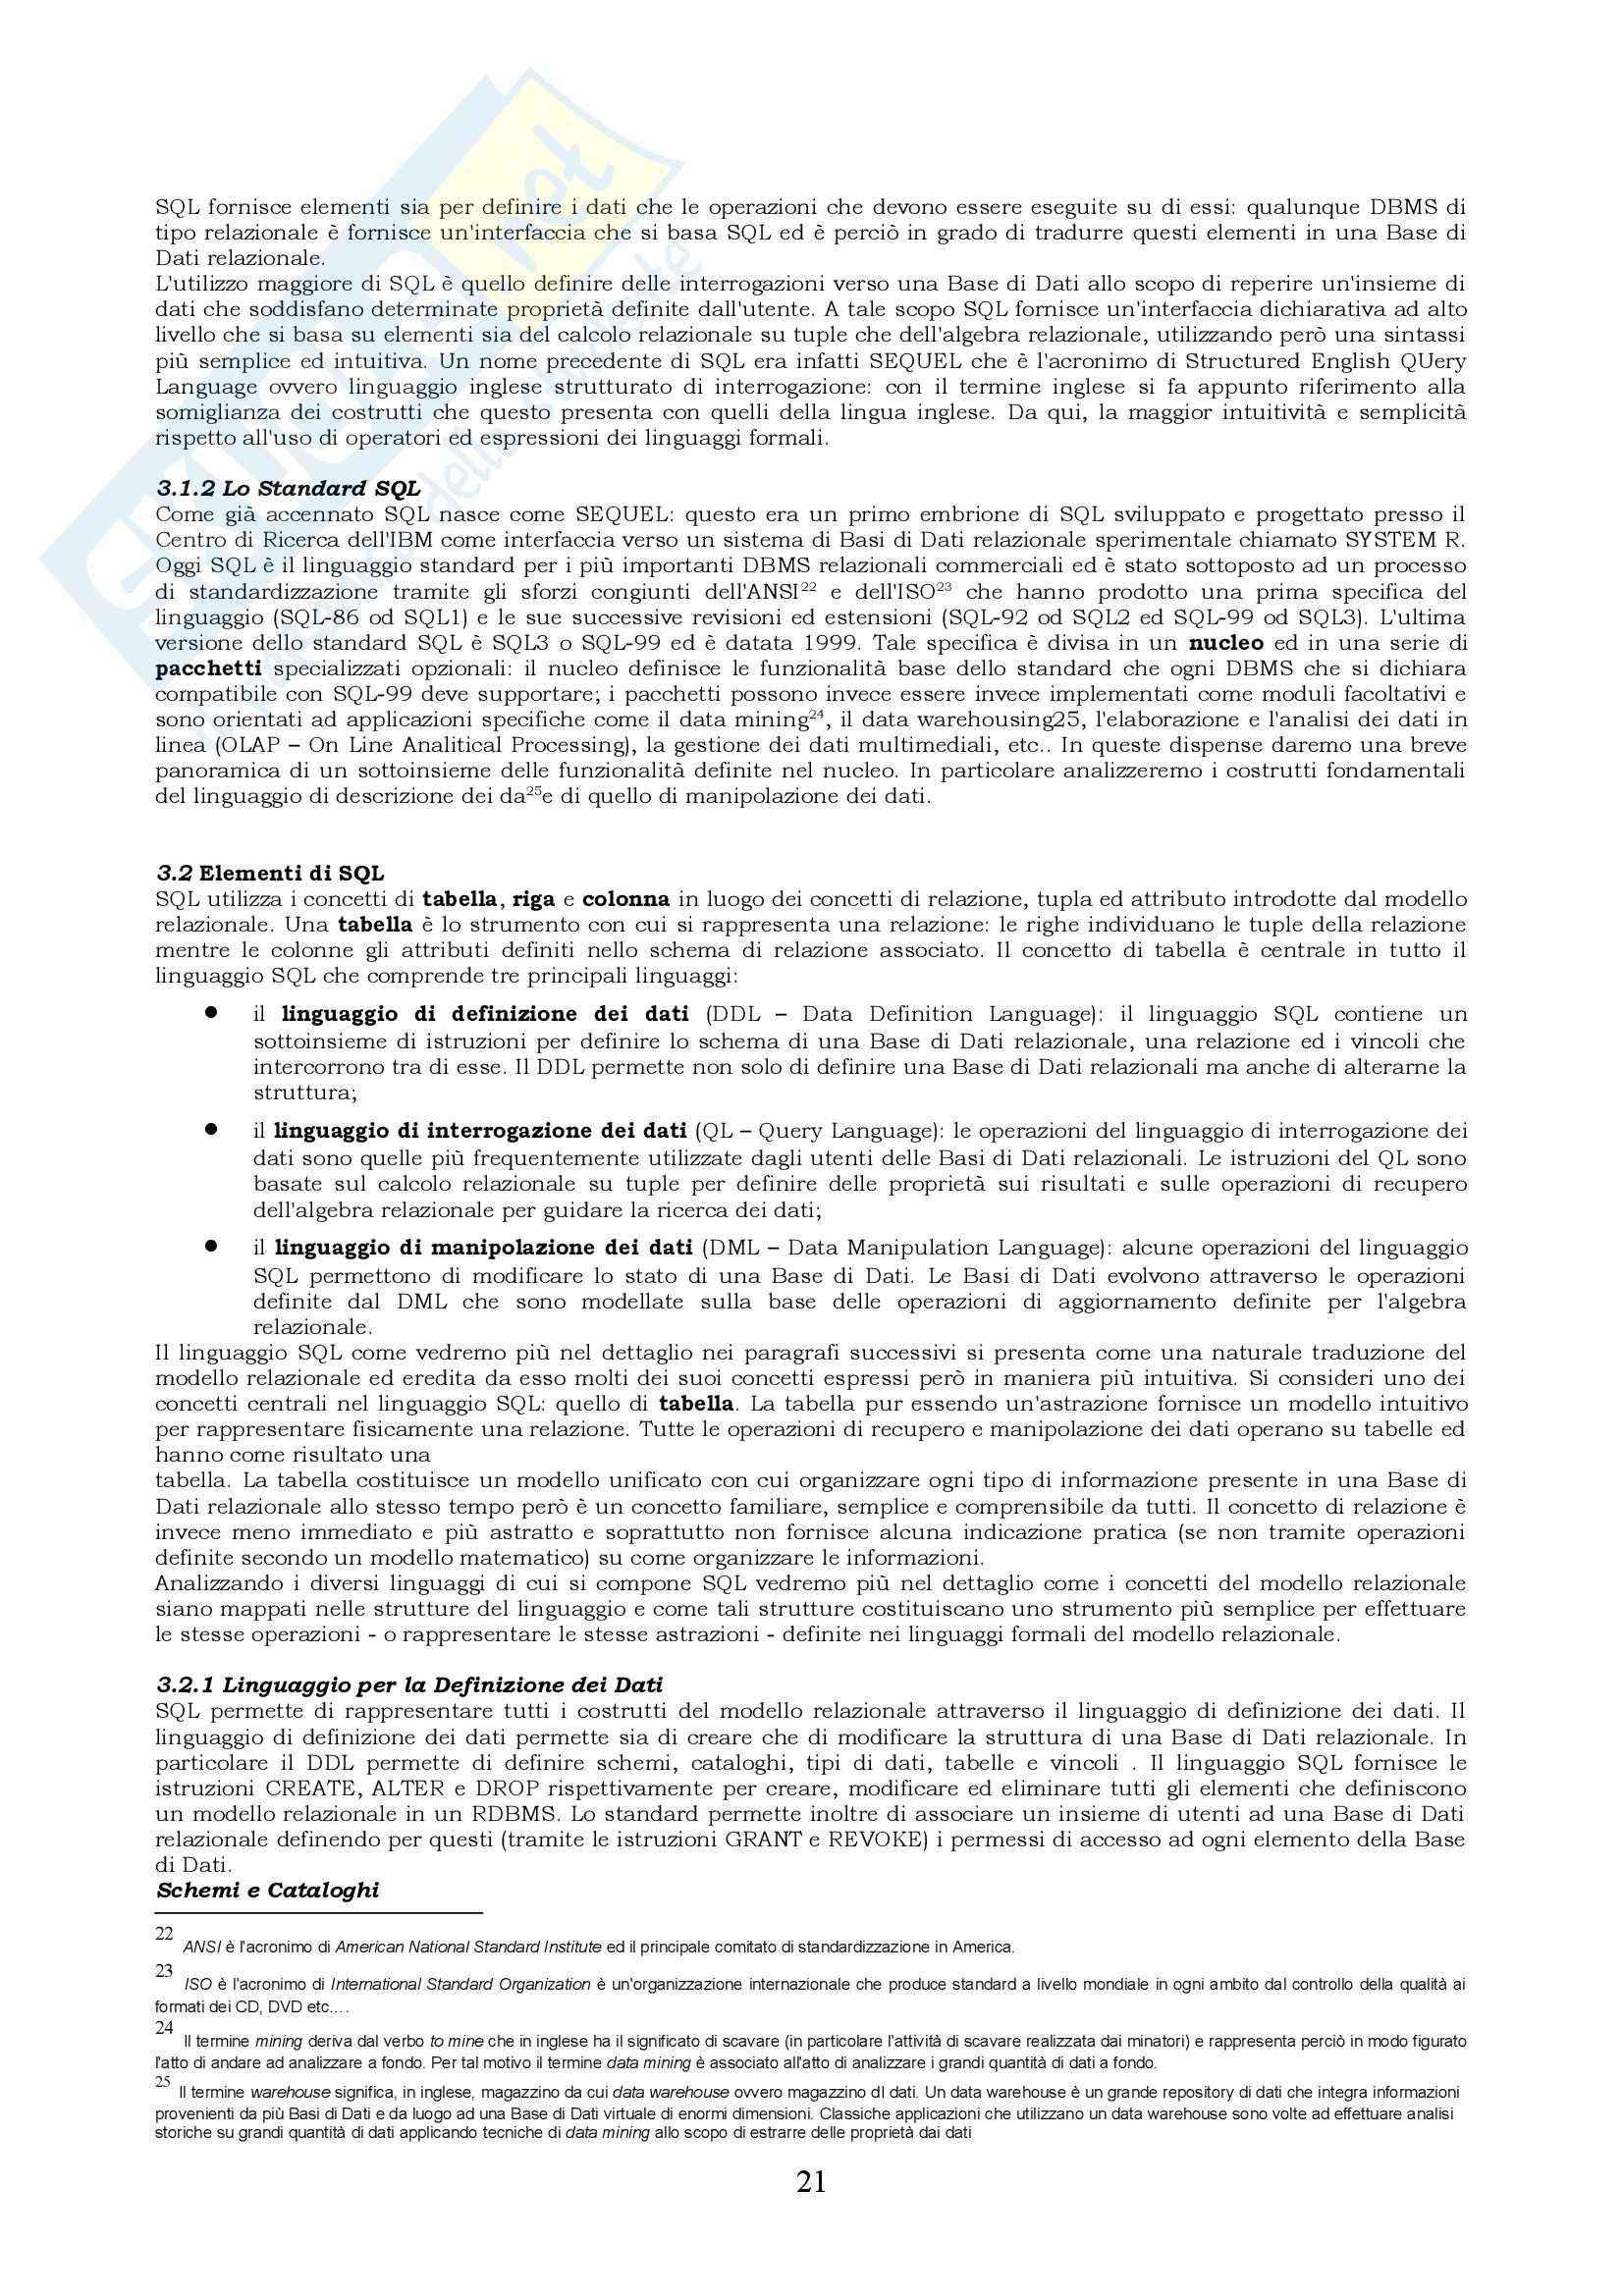 Basi di dati - Riassunto esame, prof. Coccoli Pag. 21